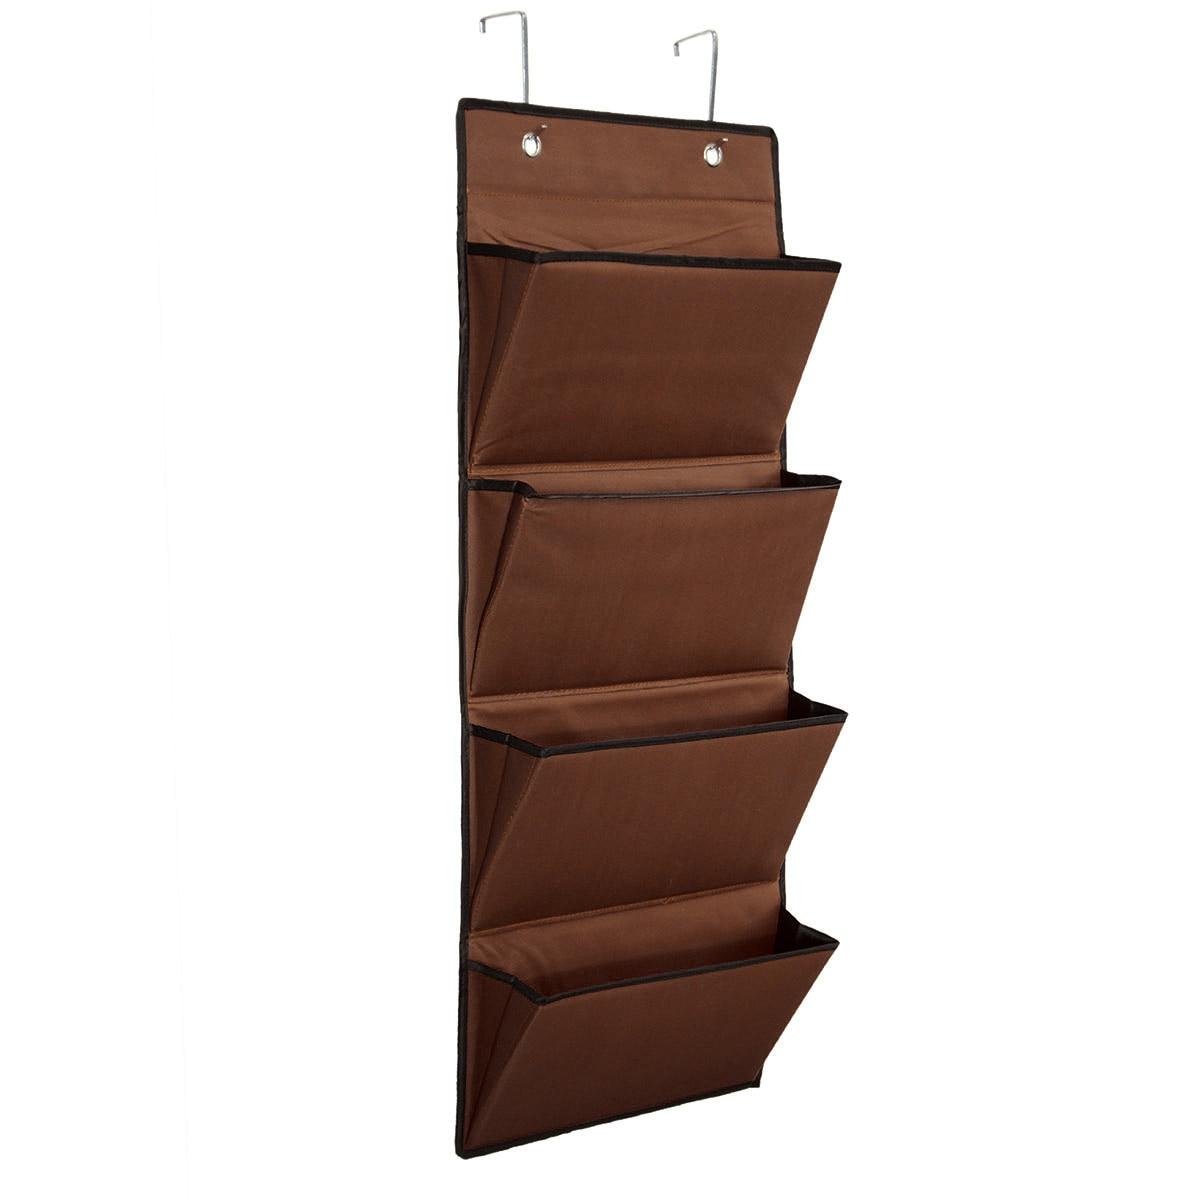 Hanging Storage Bag Book Newspaper Jewelry Organizer Over Door